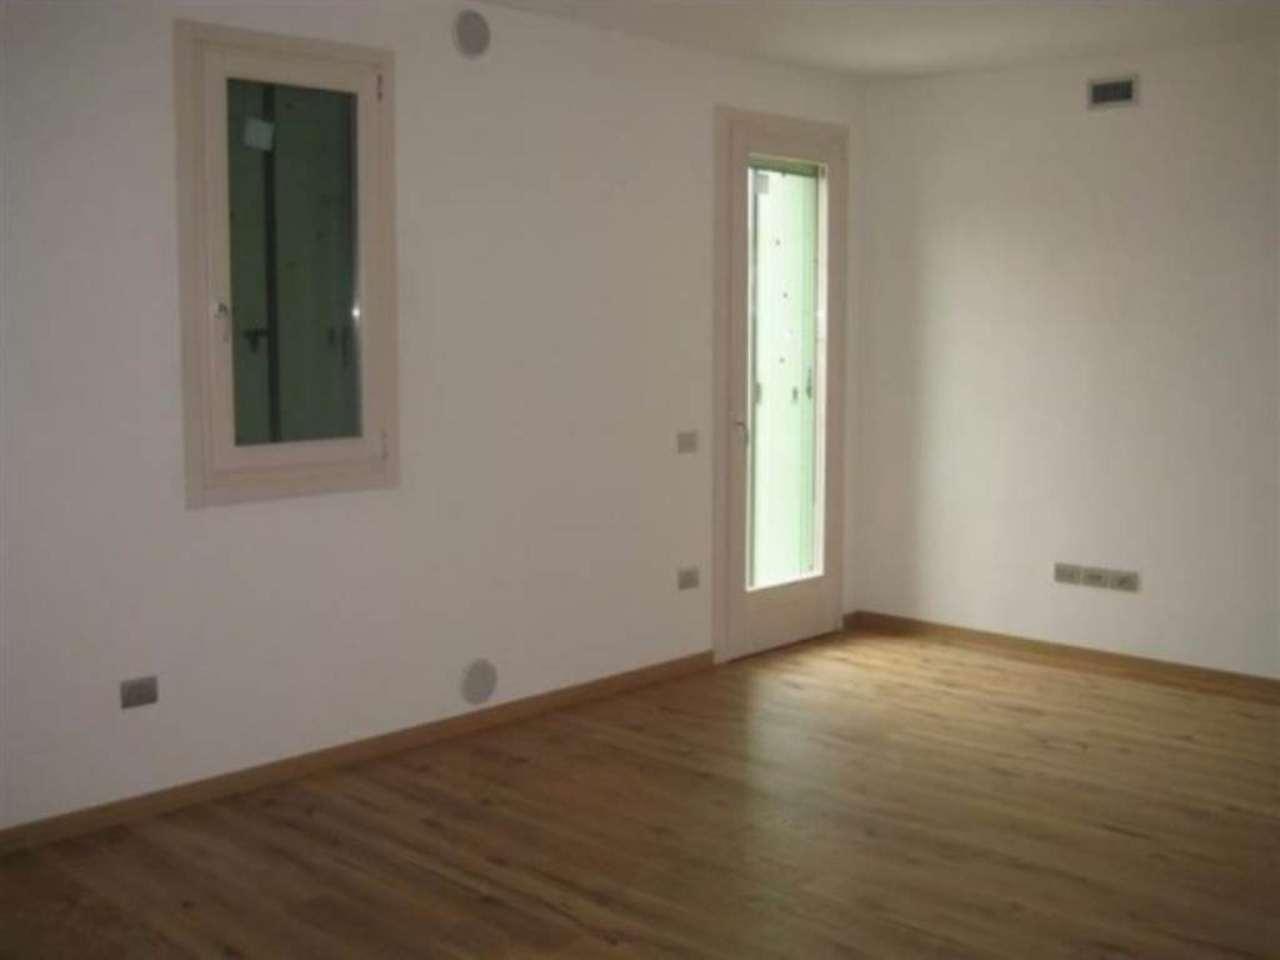 Appartamento in vendita a Castelfranco Veneto, 3 locali, prezzo € 185.000 | Cambio Casa.it